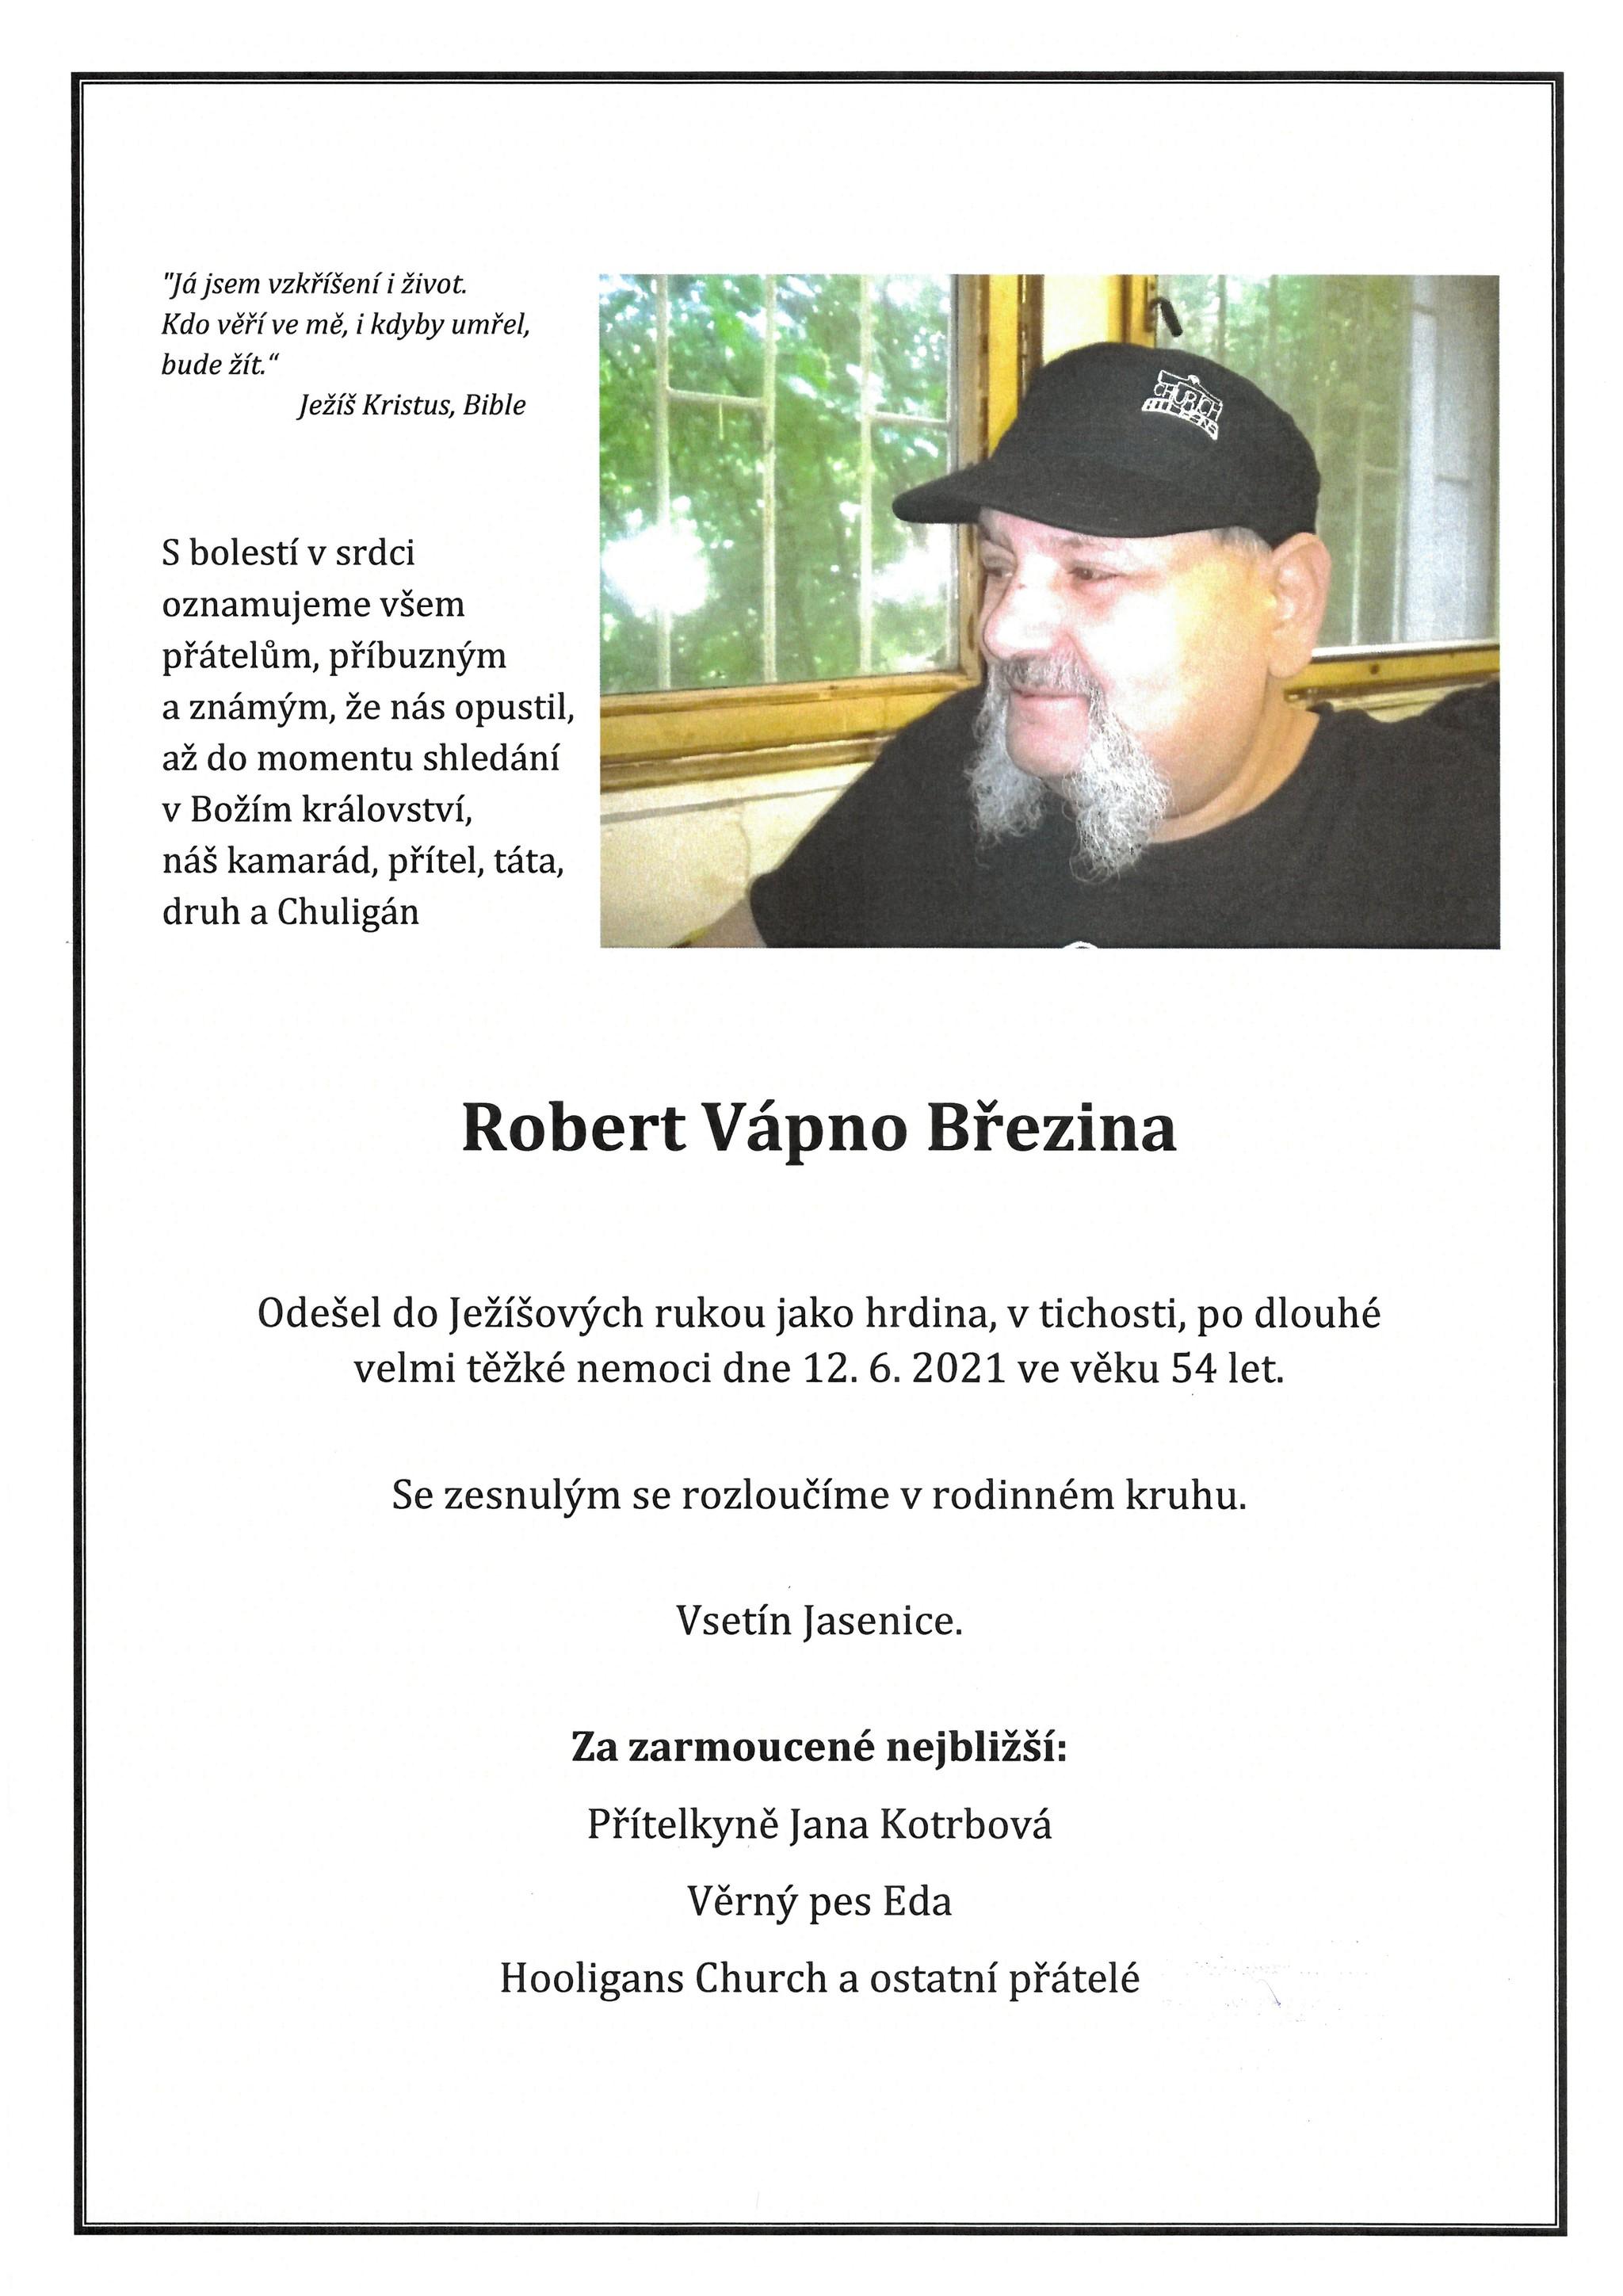 Robert Vápno Březina